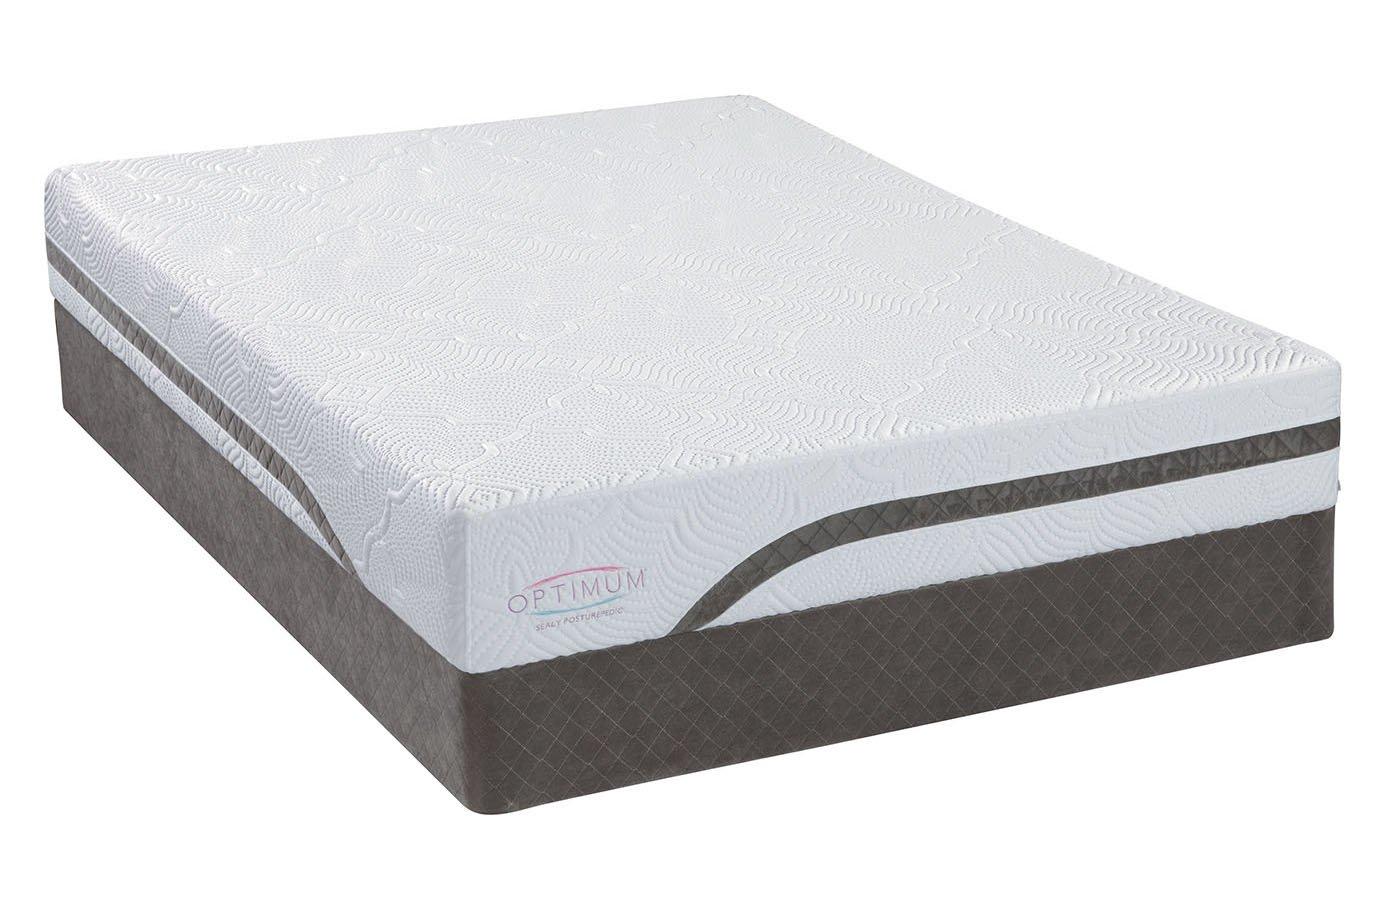 latex plush Sealy mattress